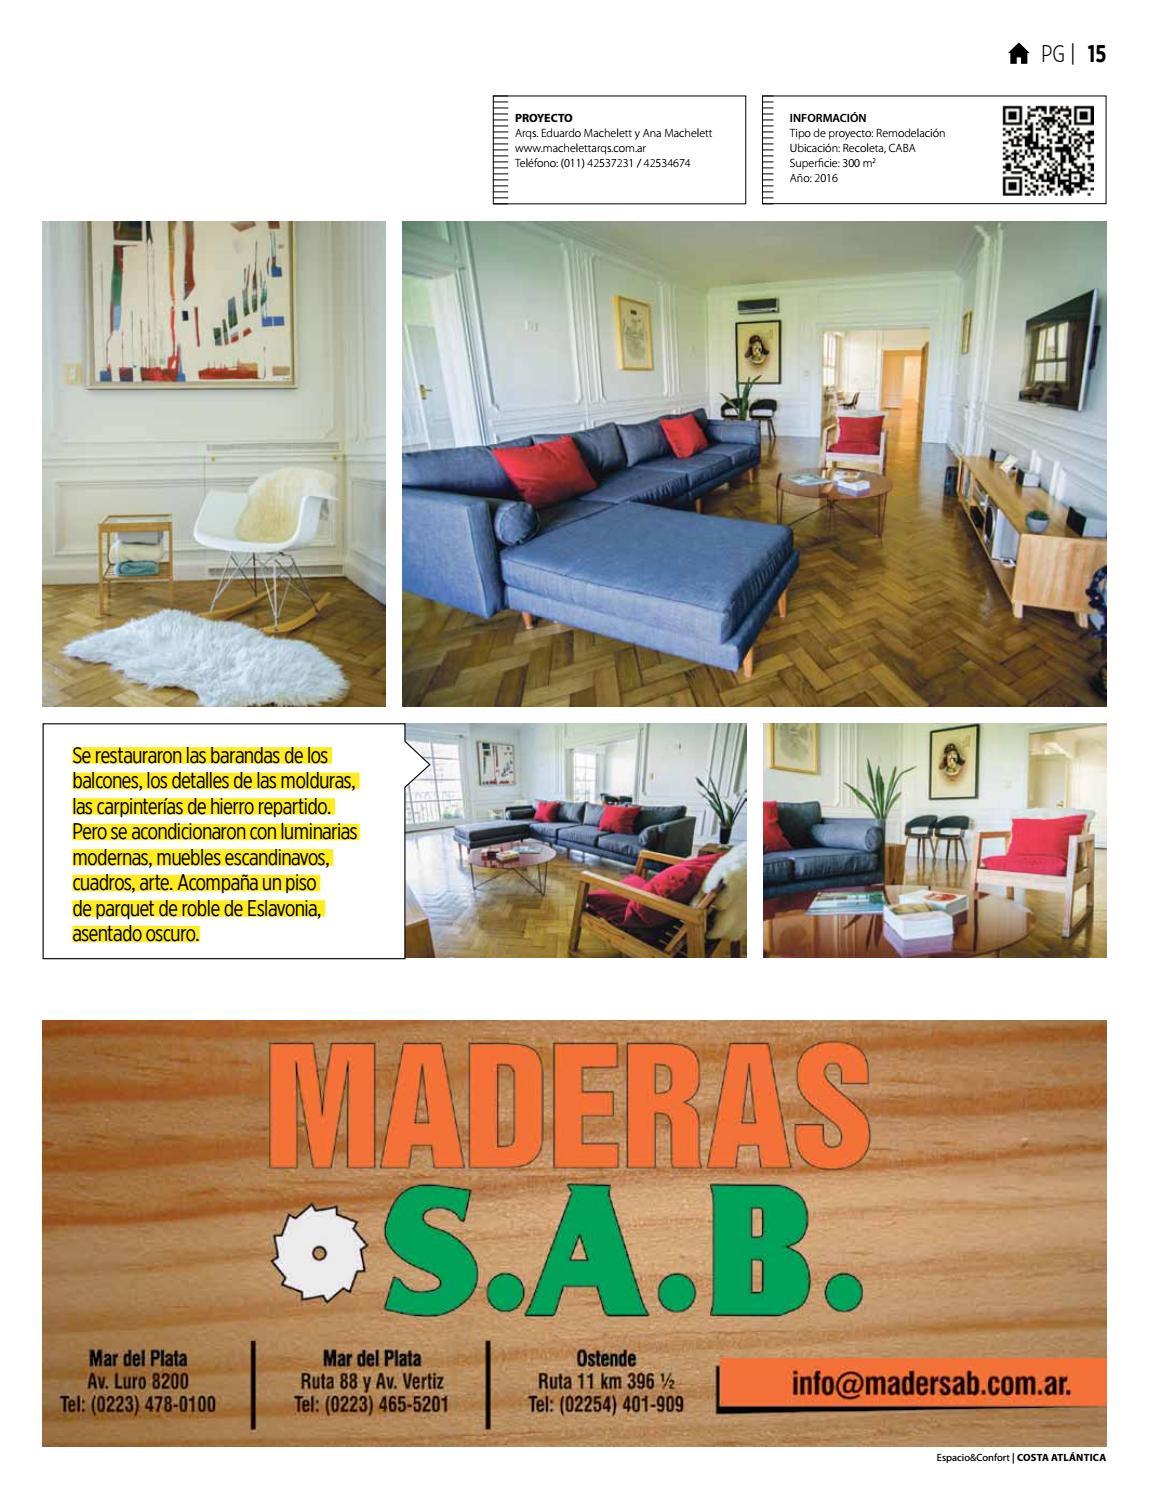 100 Costa Septiembre 2016 By Revista Espacio Confort  # Muebles Luro Mar Del Plata